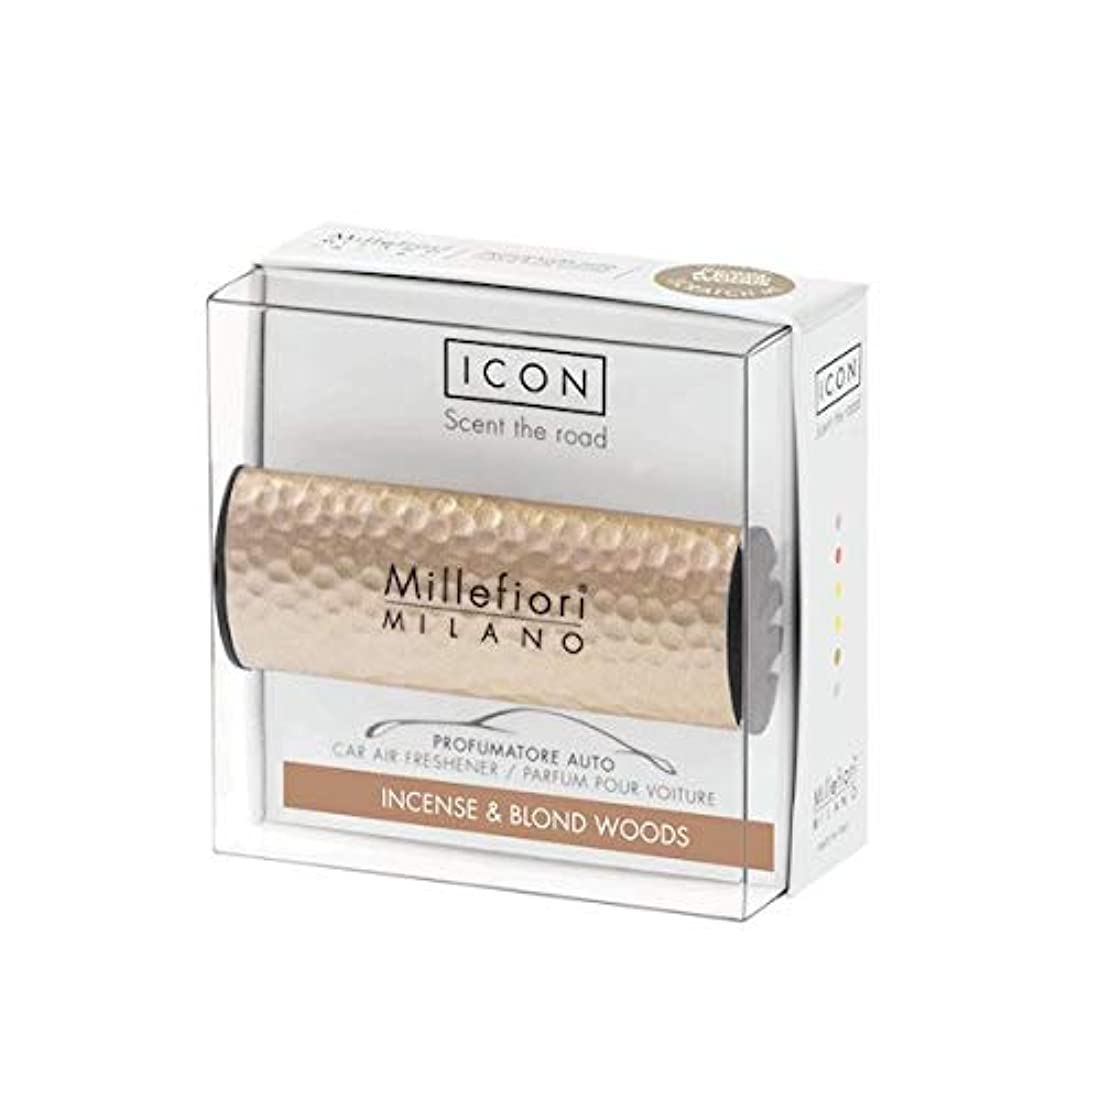 最初適応する買い手ミッレフィオーリ(Millefiori) カーエアフレッシュナー ICON HAMMERED METAL 41 - インセンス&ブロンドウッズ(METAL 41 - INCENSE & BLOND WOODS) [並行輸入品]